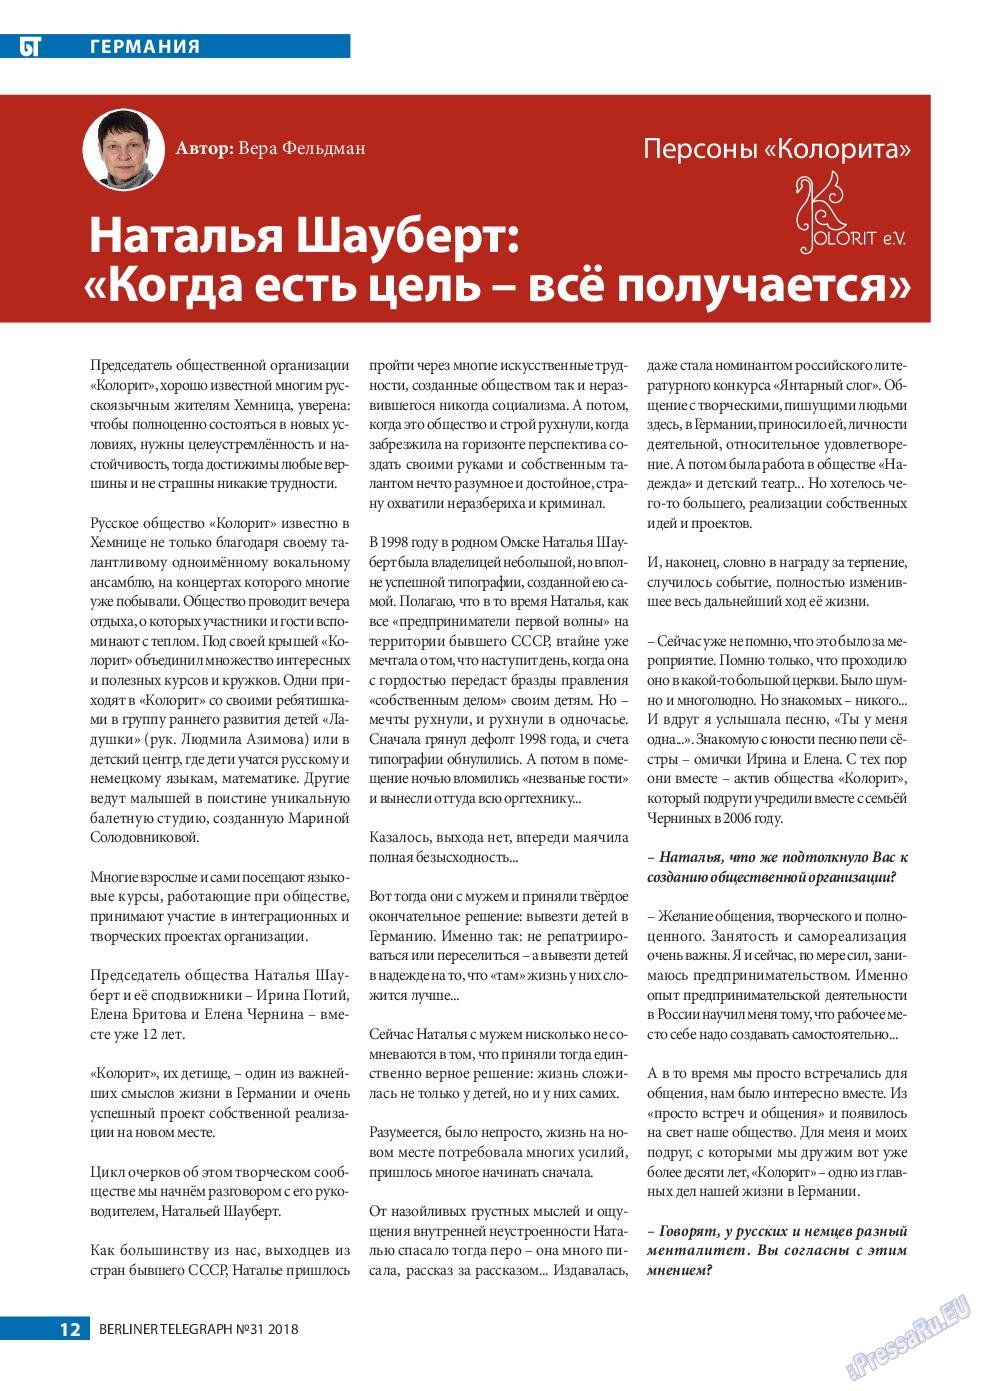 Берлинский телеграф (журнал). 2018 год, номер 31, стр. 12